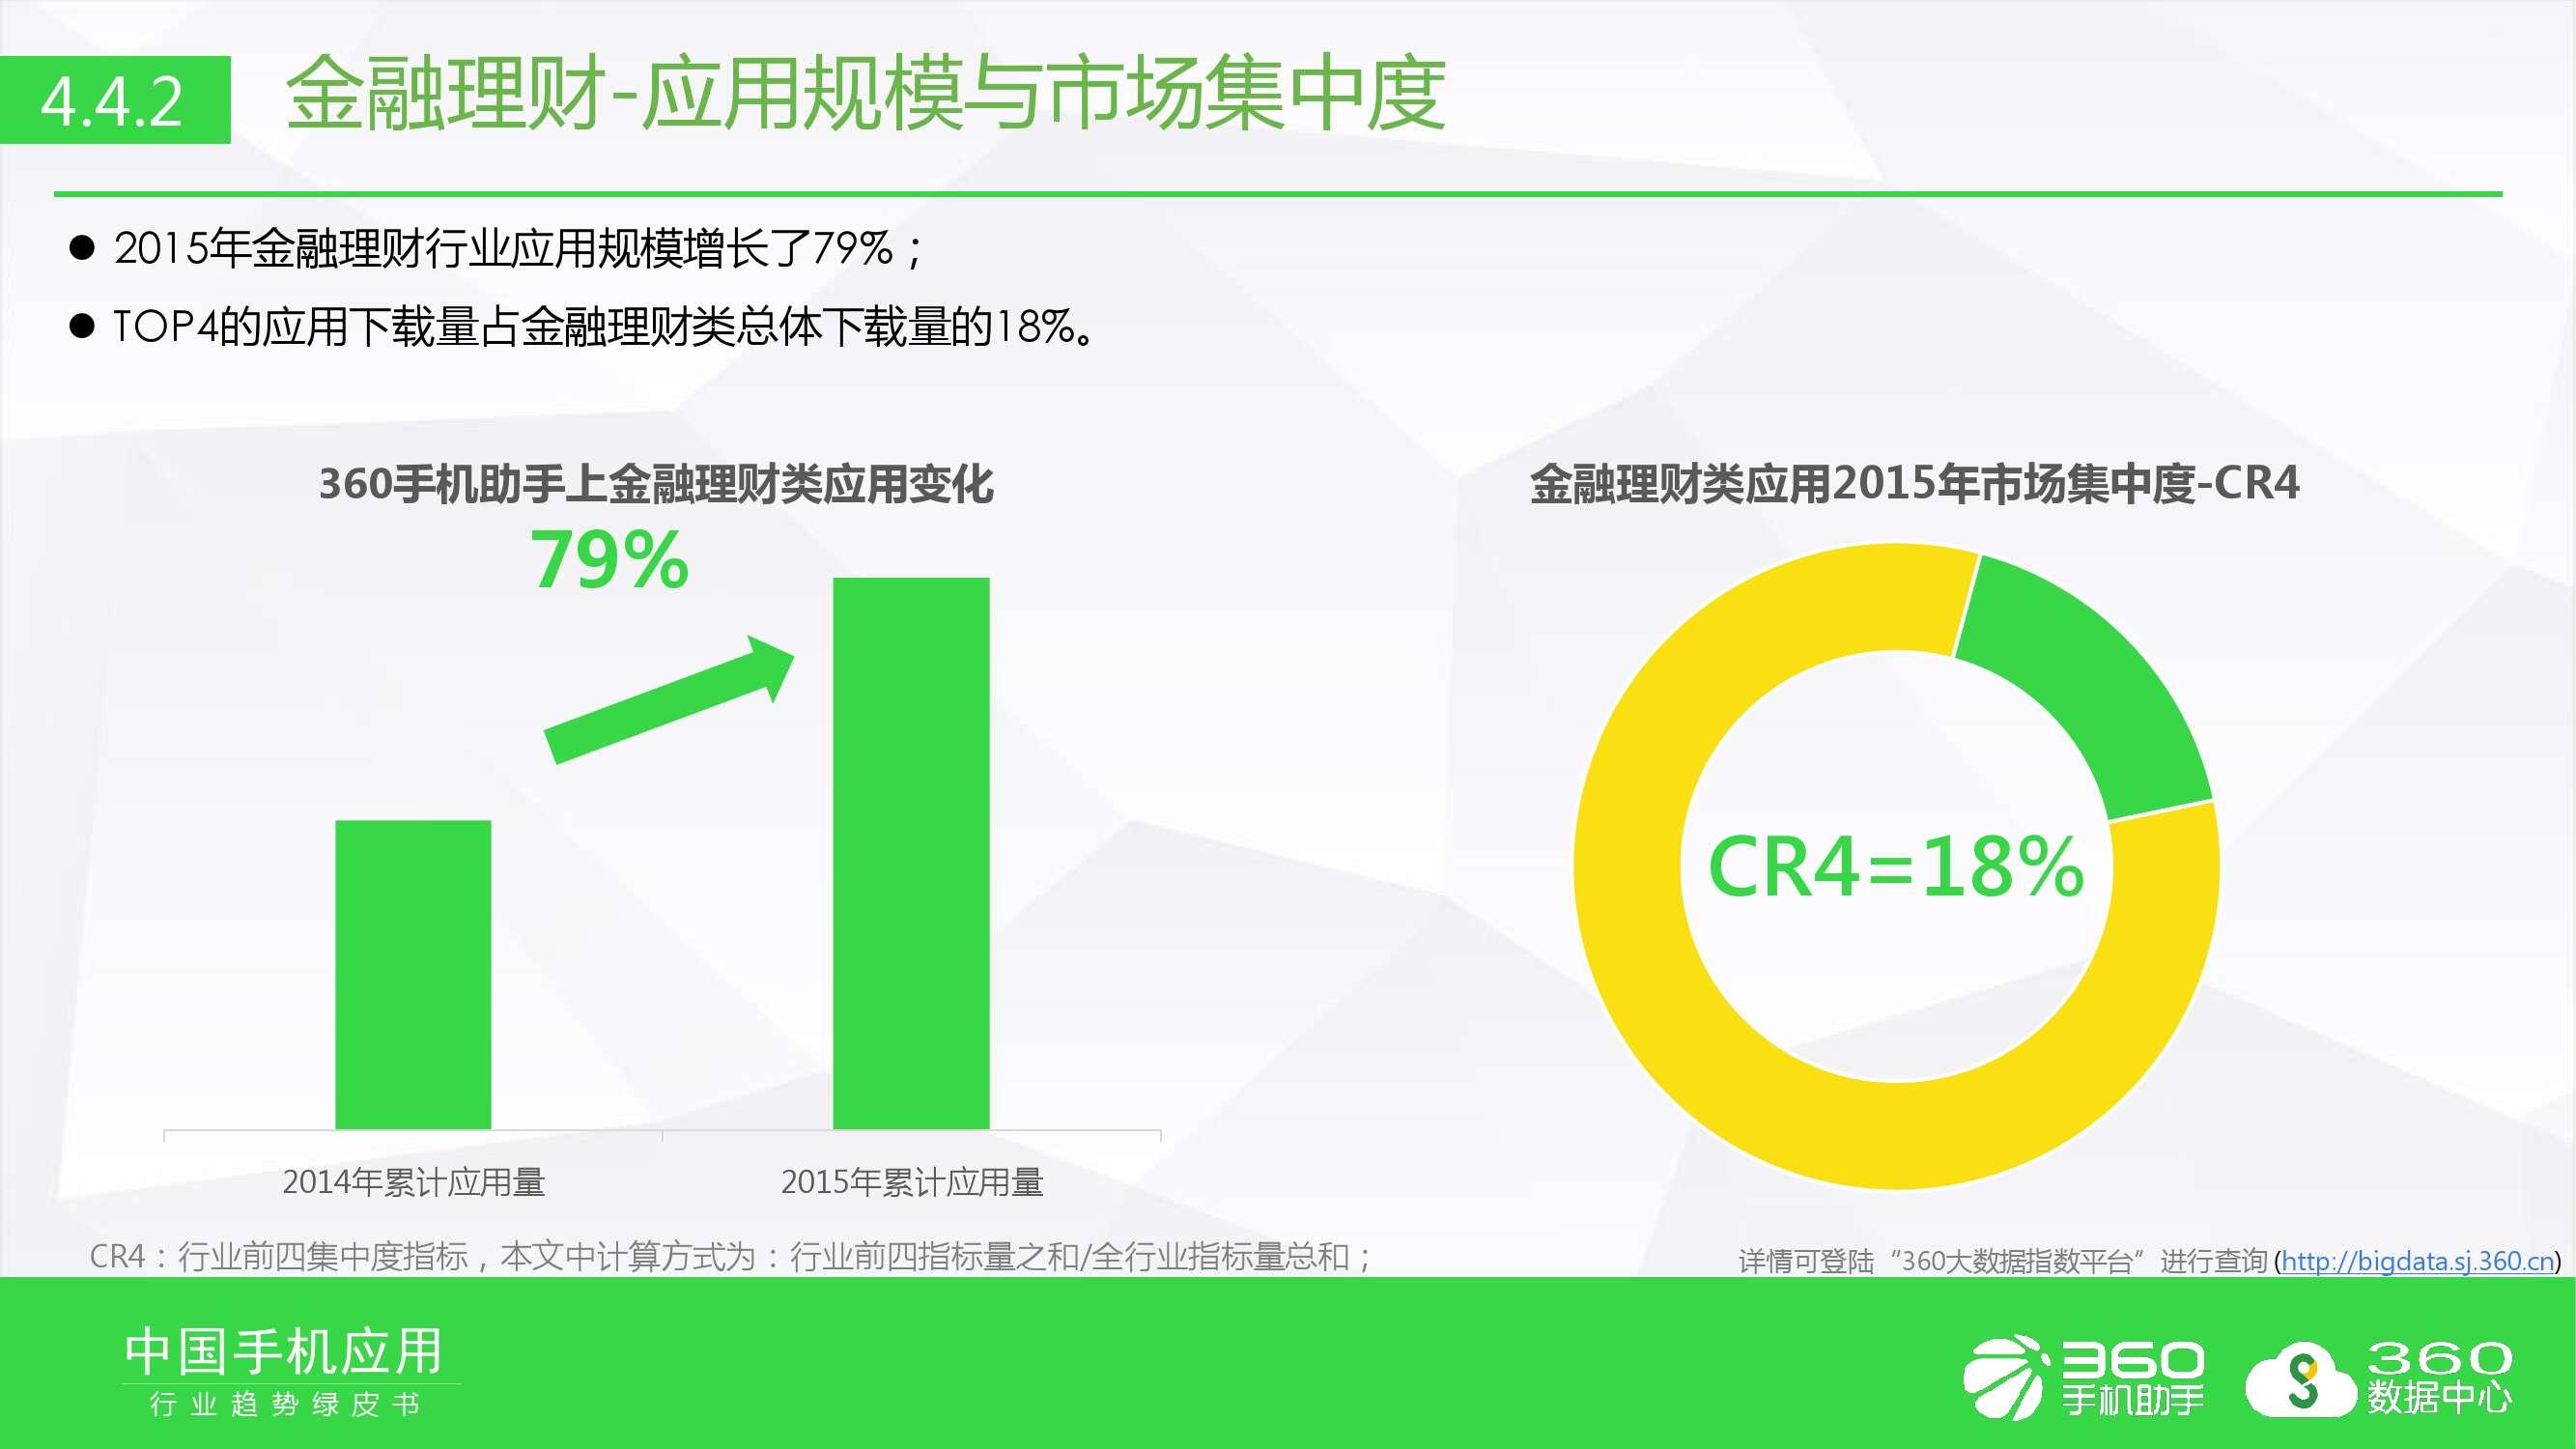 2016年手机软件行业趋势绿皮书_000052